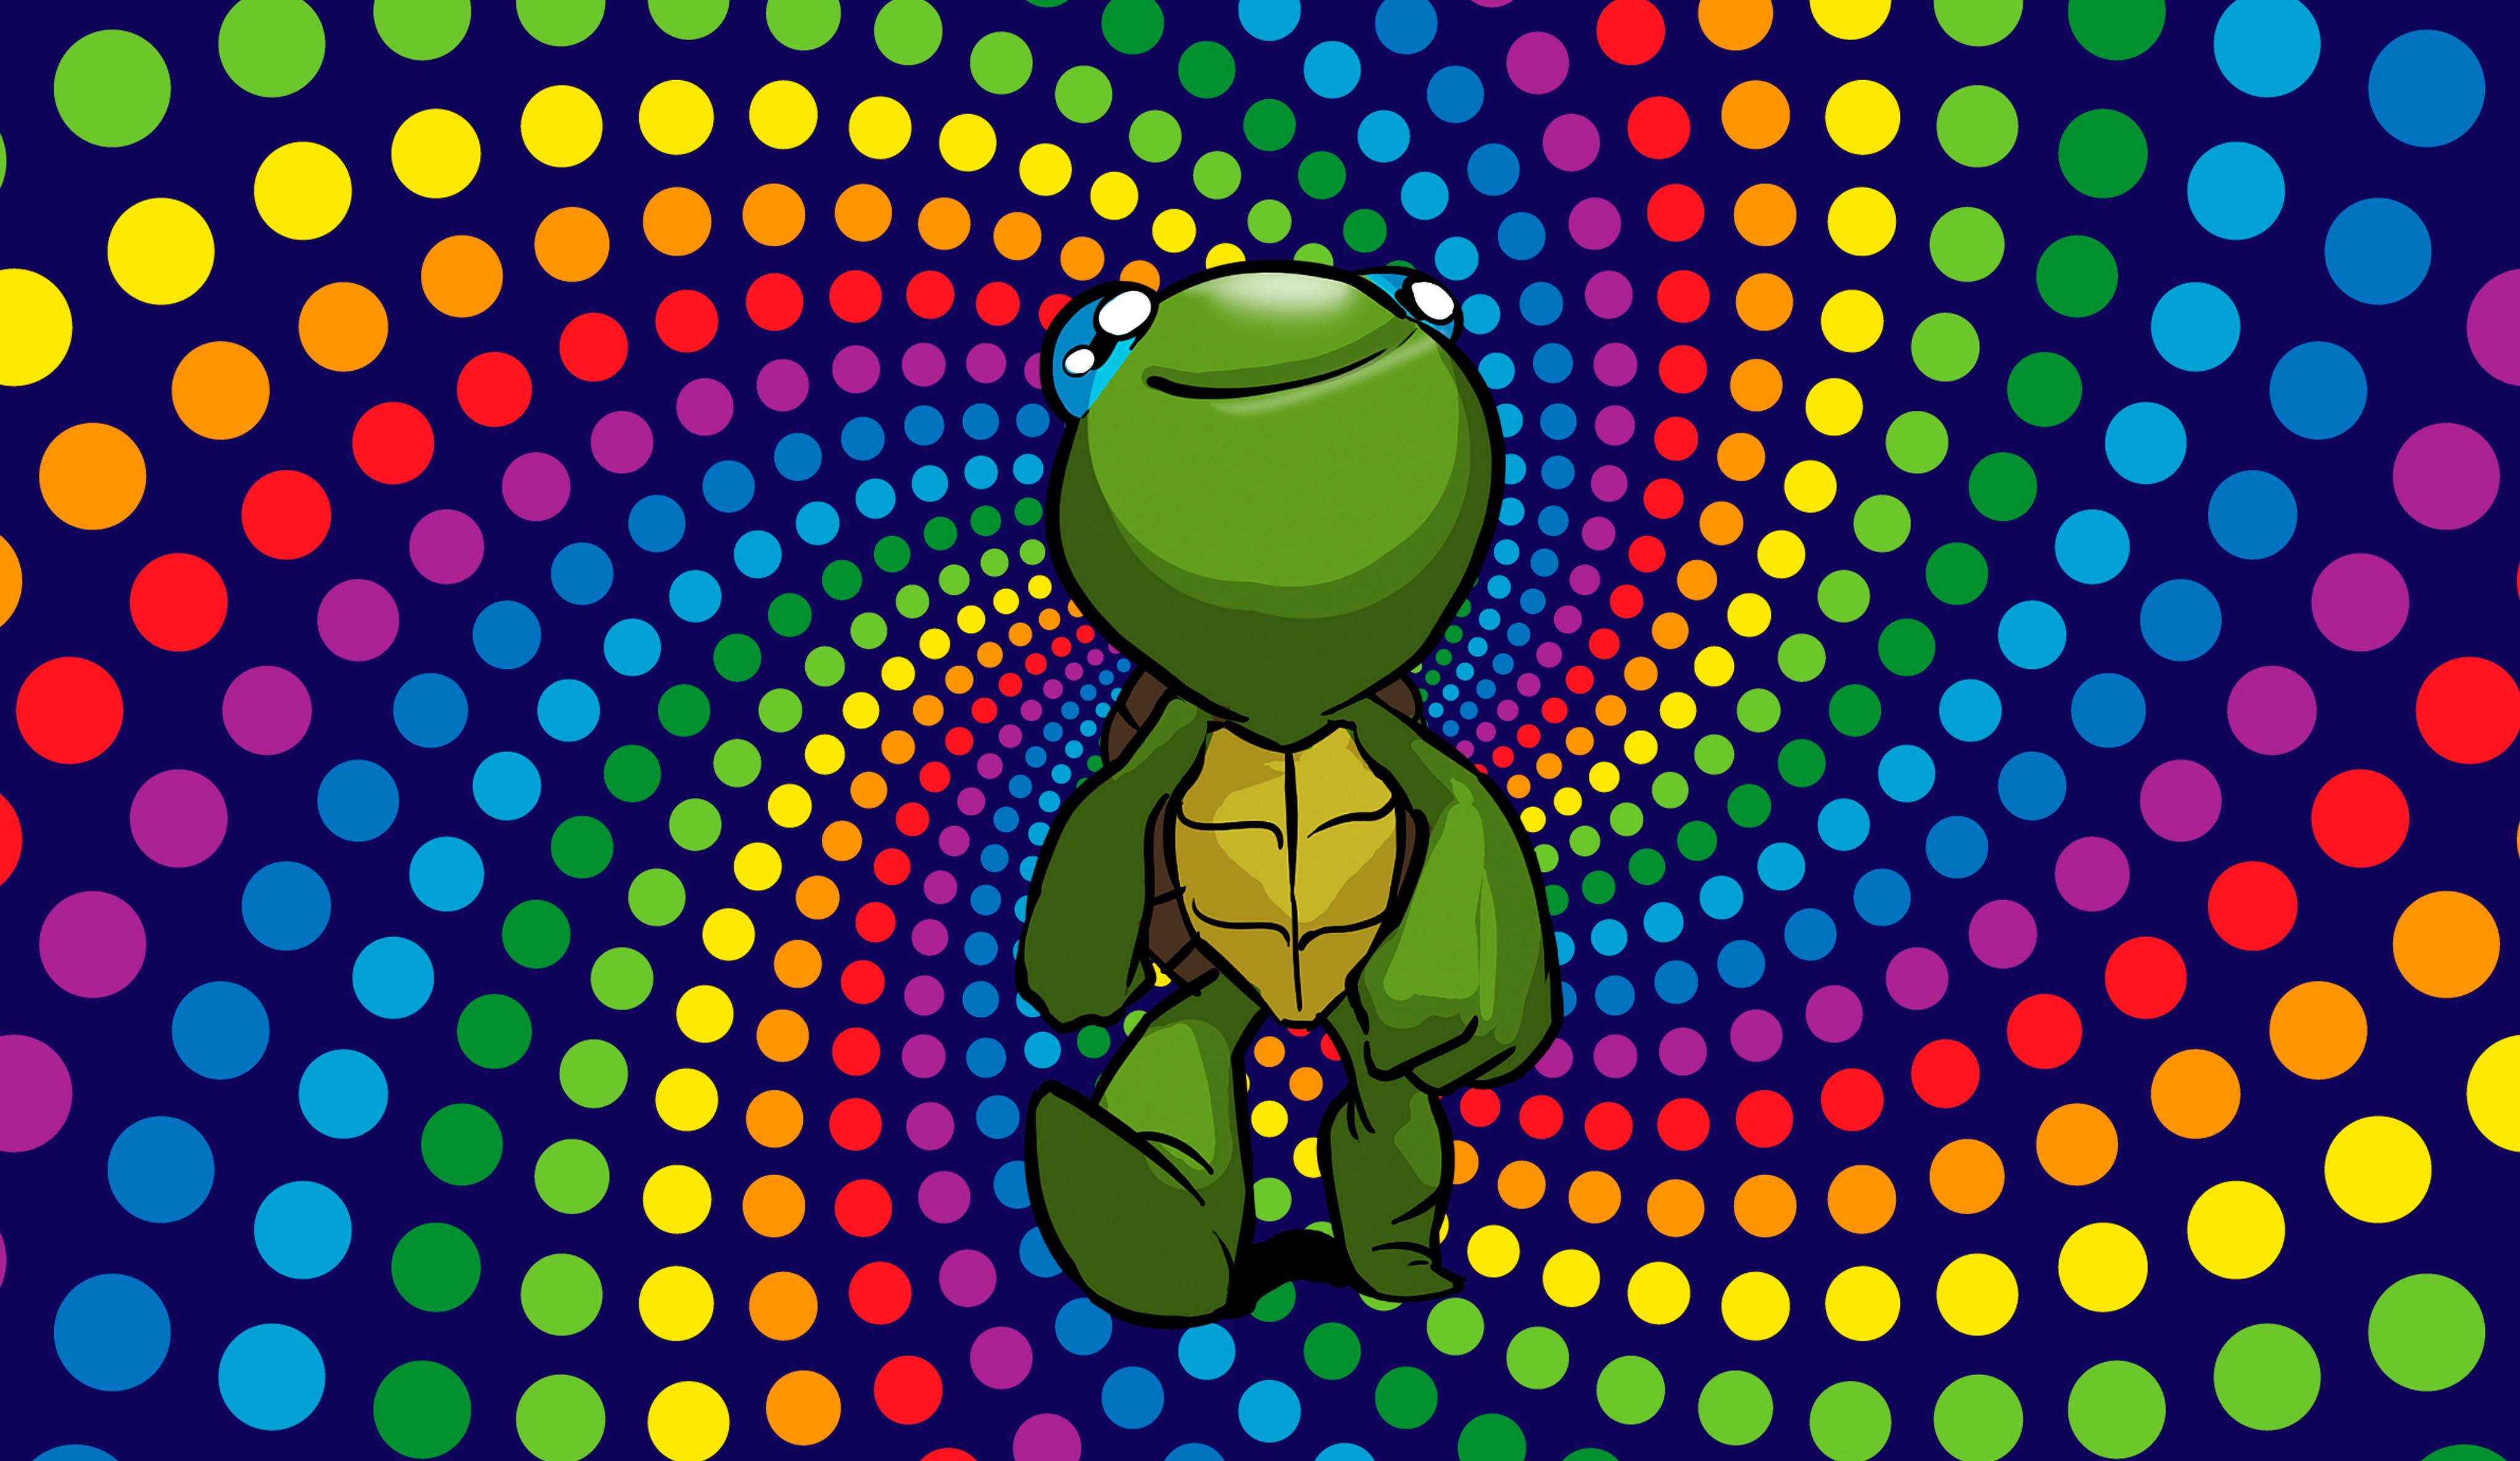 Great Wallpaper Music Trippy - Trippy_ArtistSlider-1  Snapshot_119520.jpg